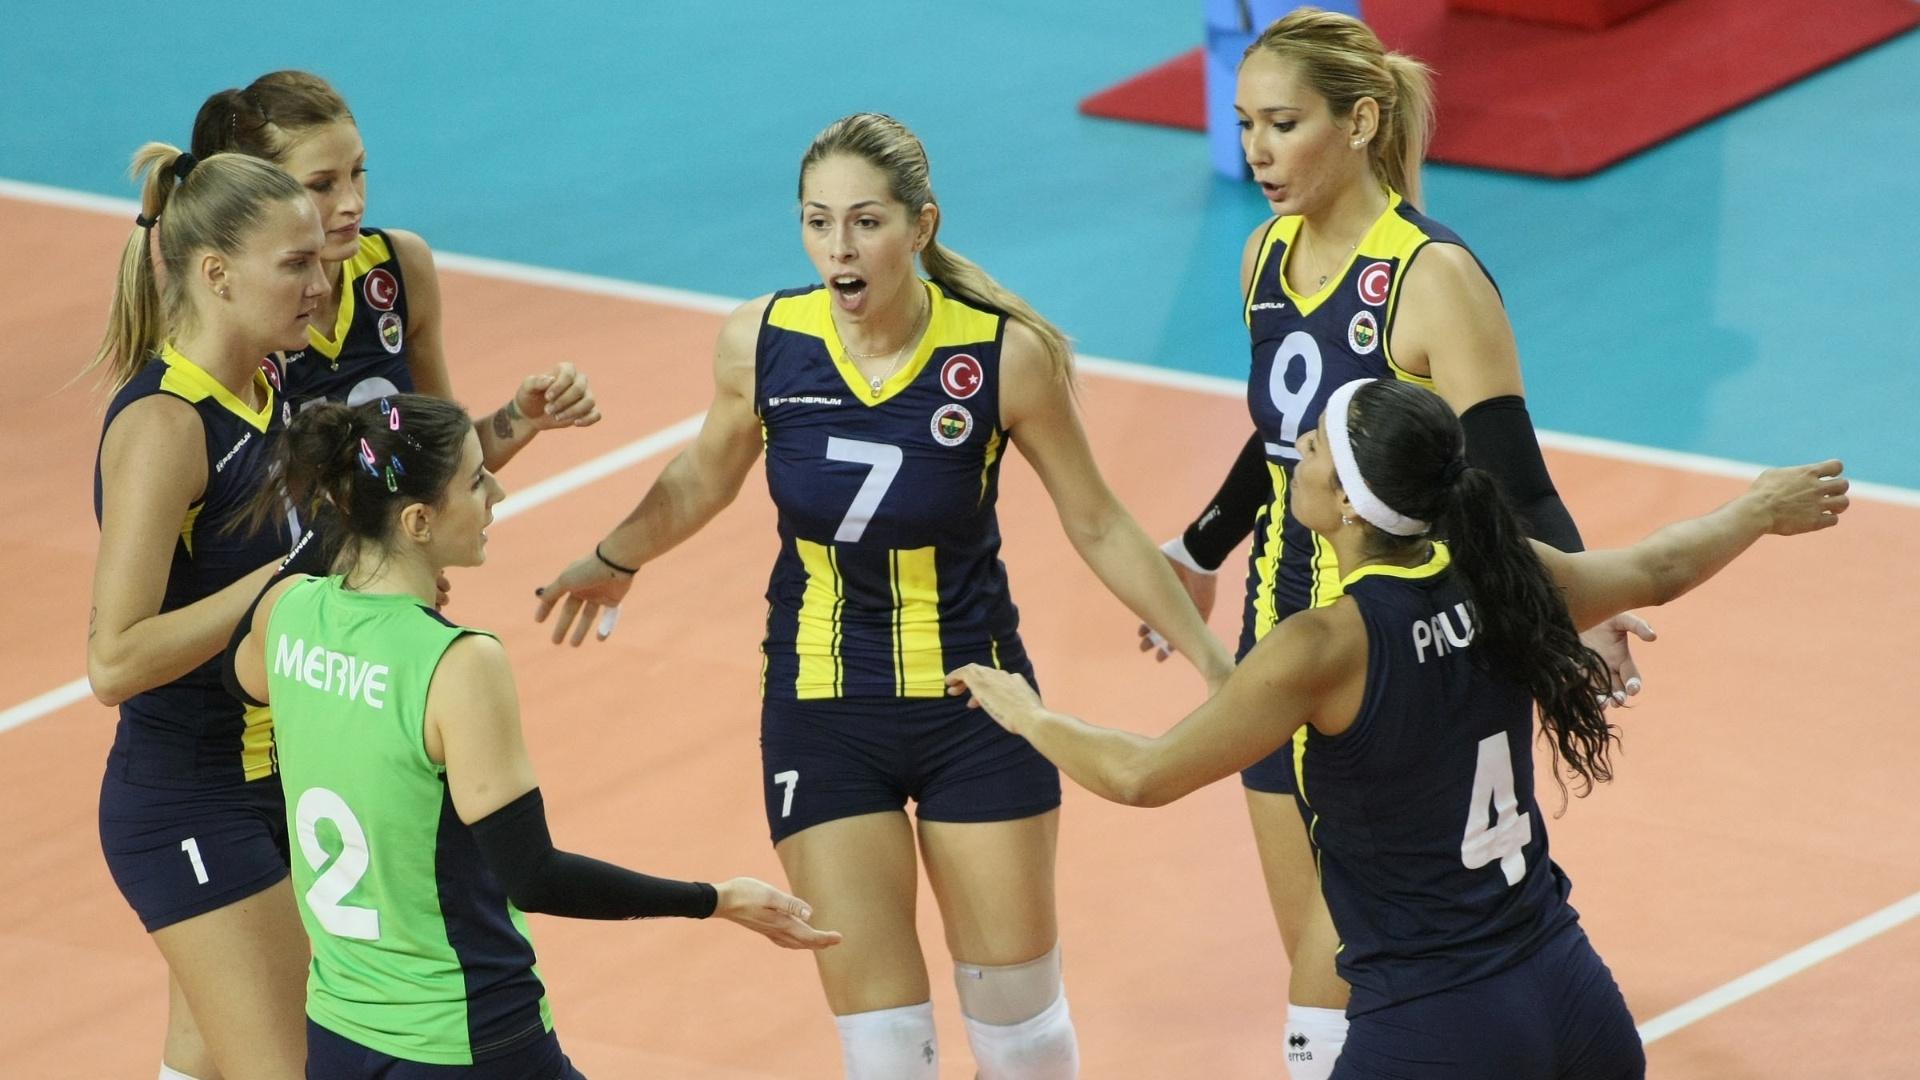 Pelo grupo B do Mundial feminino, o Fenerbahce, das brasileiras Mari e Paula Pequeno, venceu o Lancheras de Catano por 3 a 0 (15/10/2012)